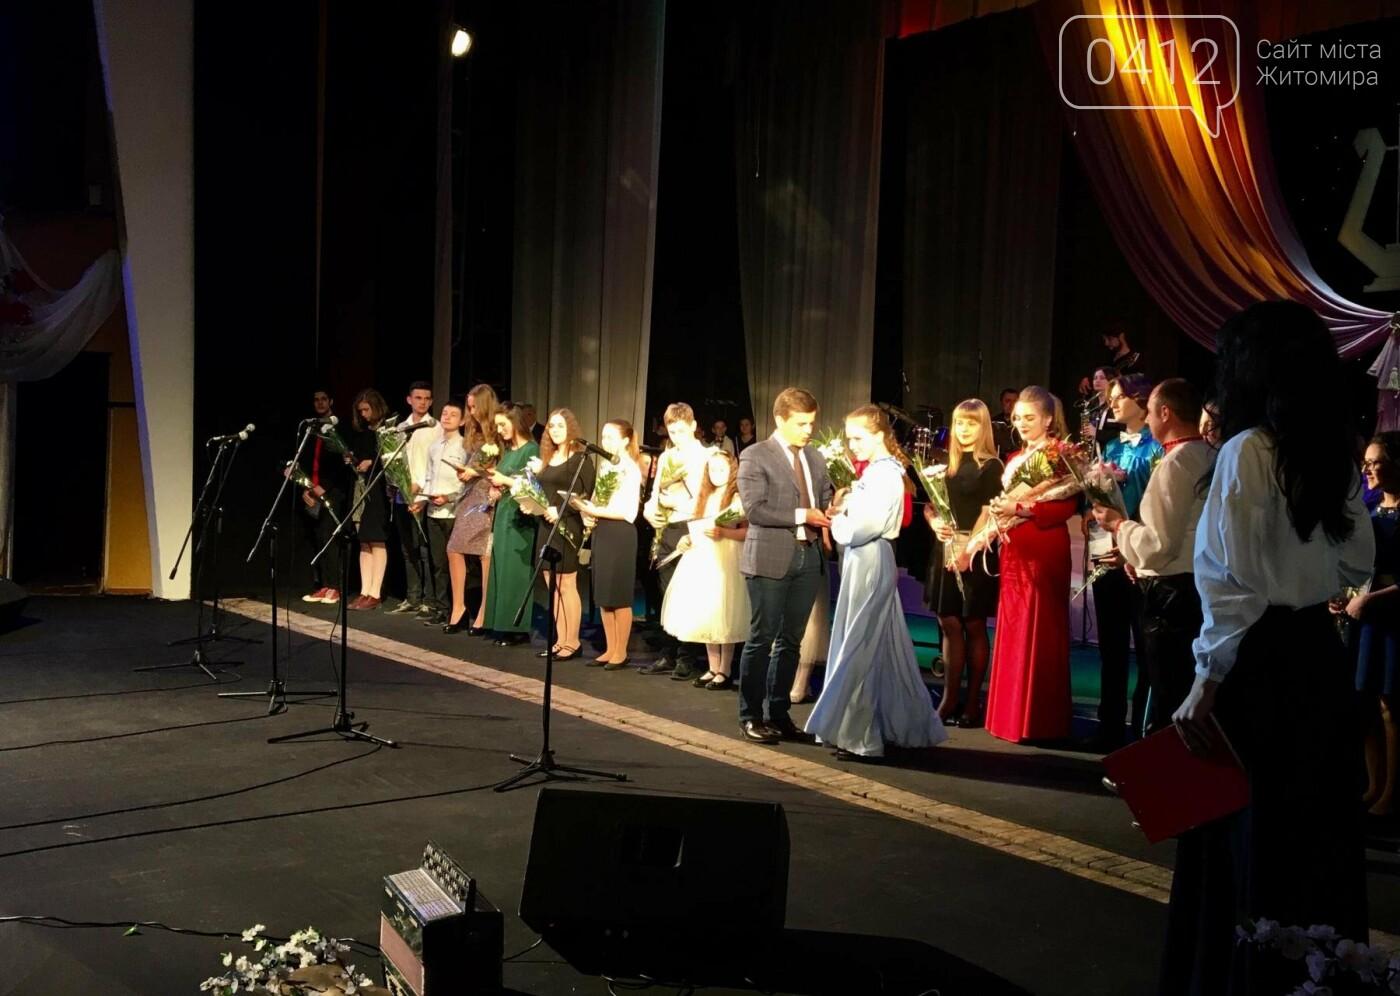 У Житомирі відбувться гала-концерт учнів та викладачів музичних шкіл міста, фото-11